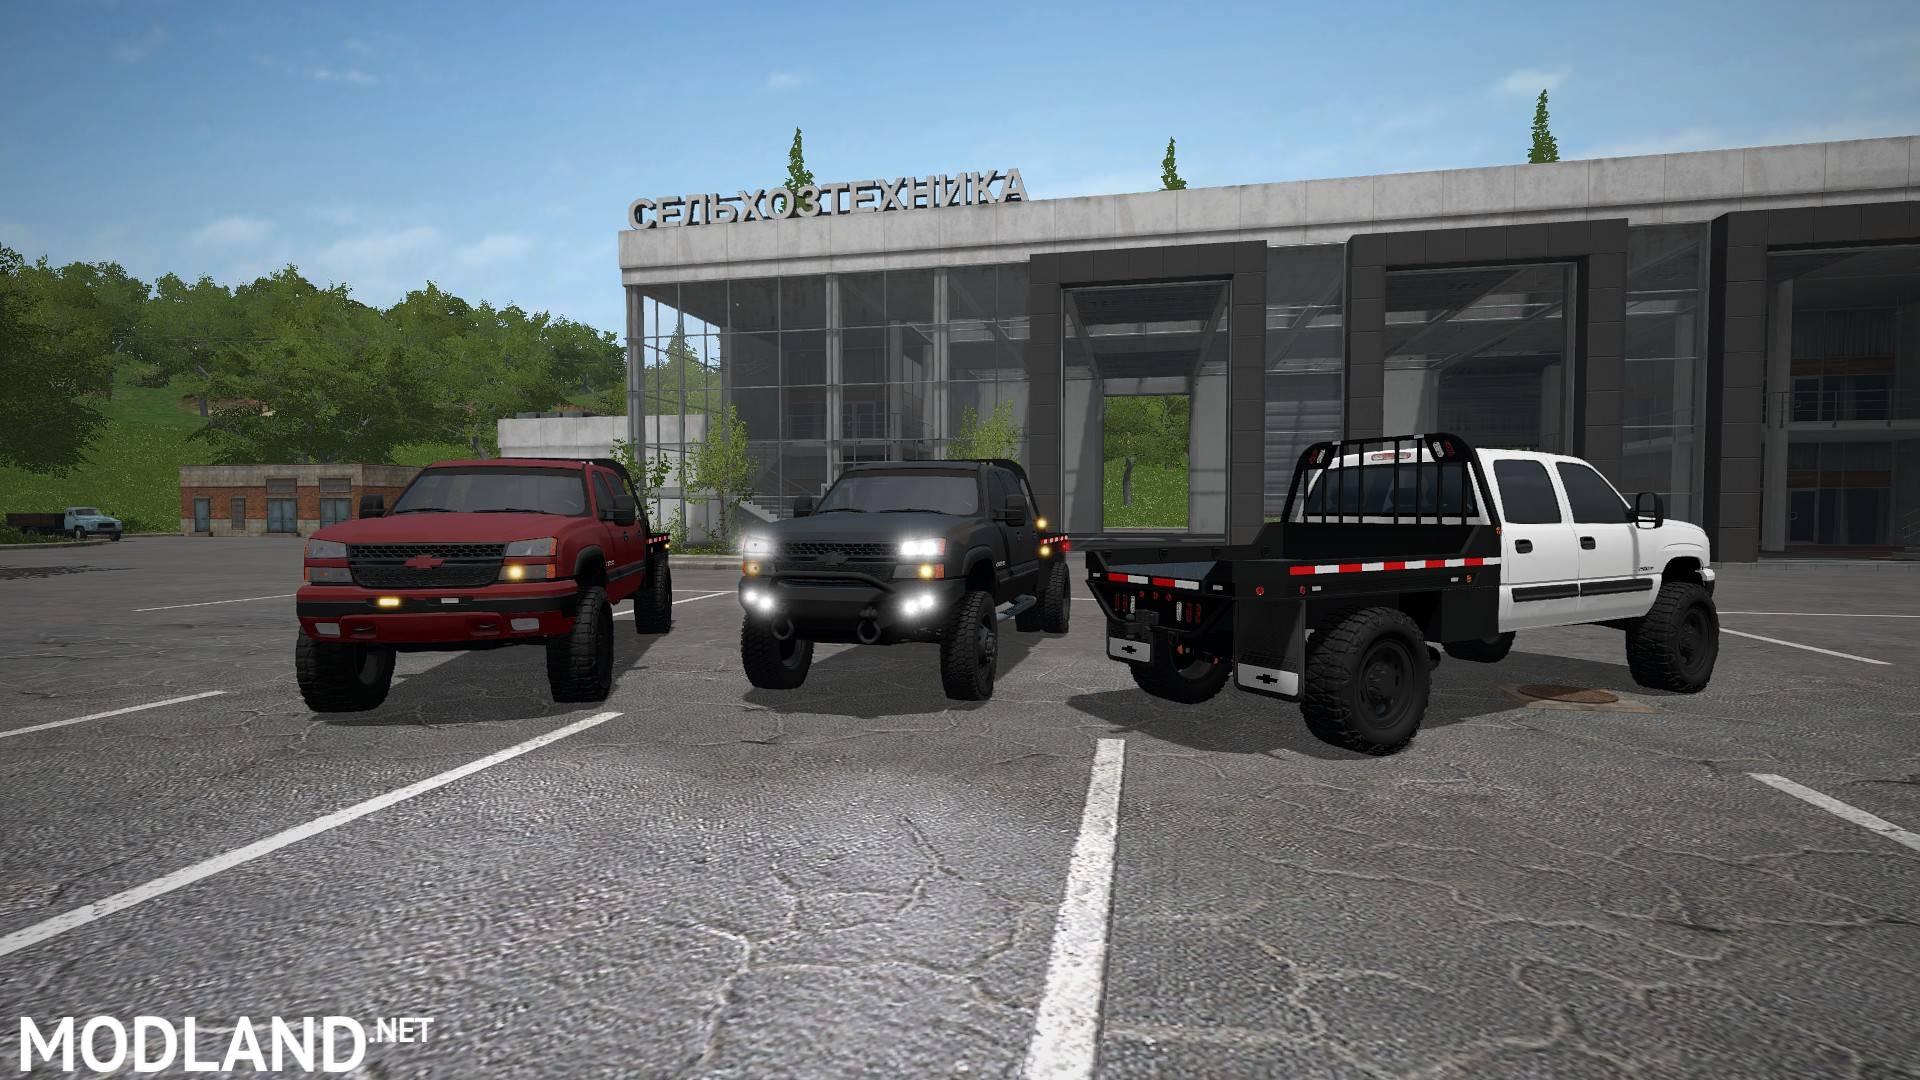 2006 Chevrolet Silverado 2500 V 1 0 Mod Farming Simulator 17